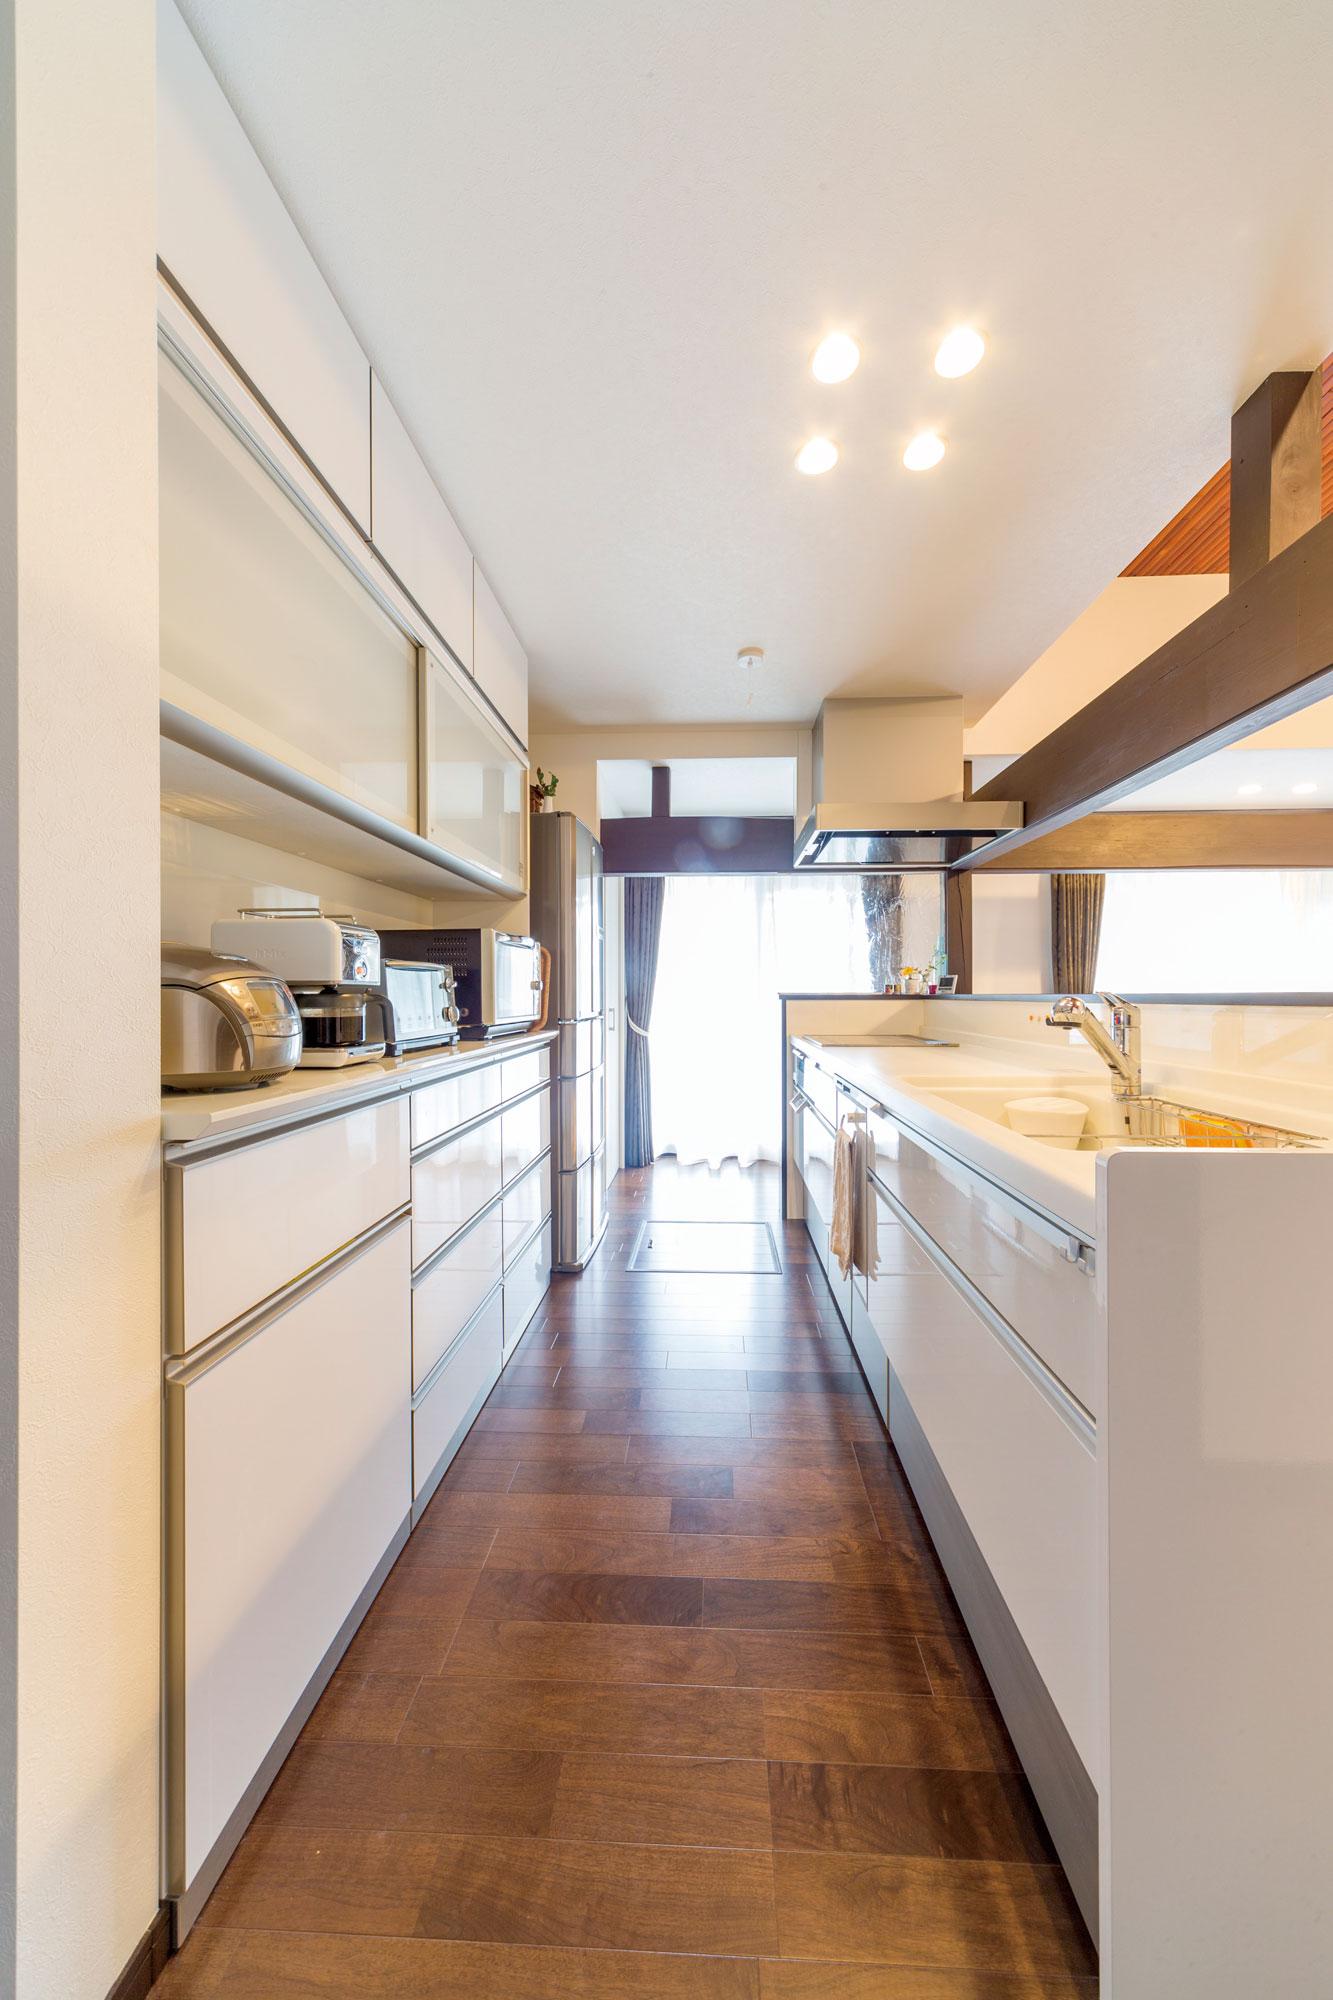 ご主人の発案によるキッチンカウンターを彩る壁クロスがあしらわれた明るく使いやすいキッチン。